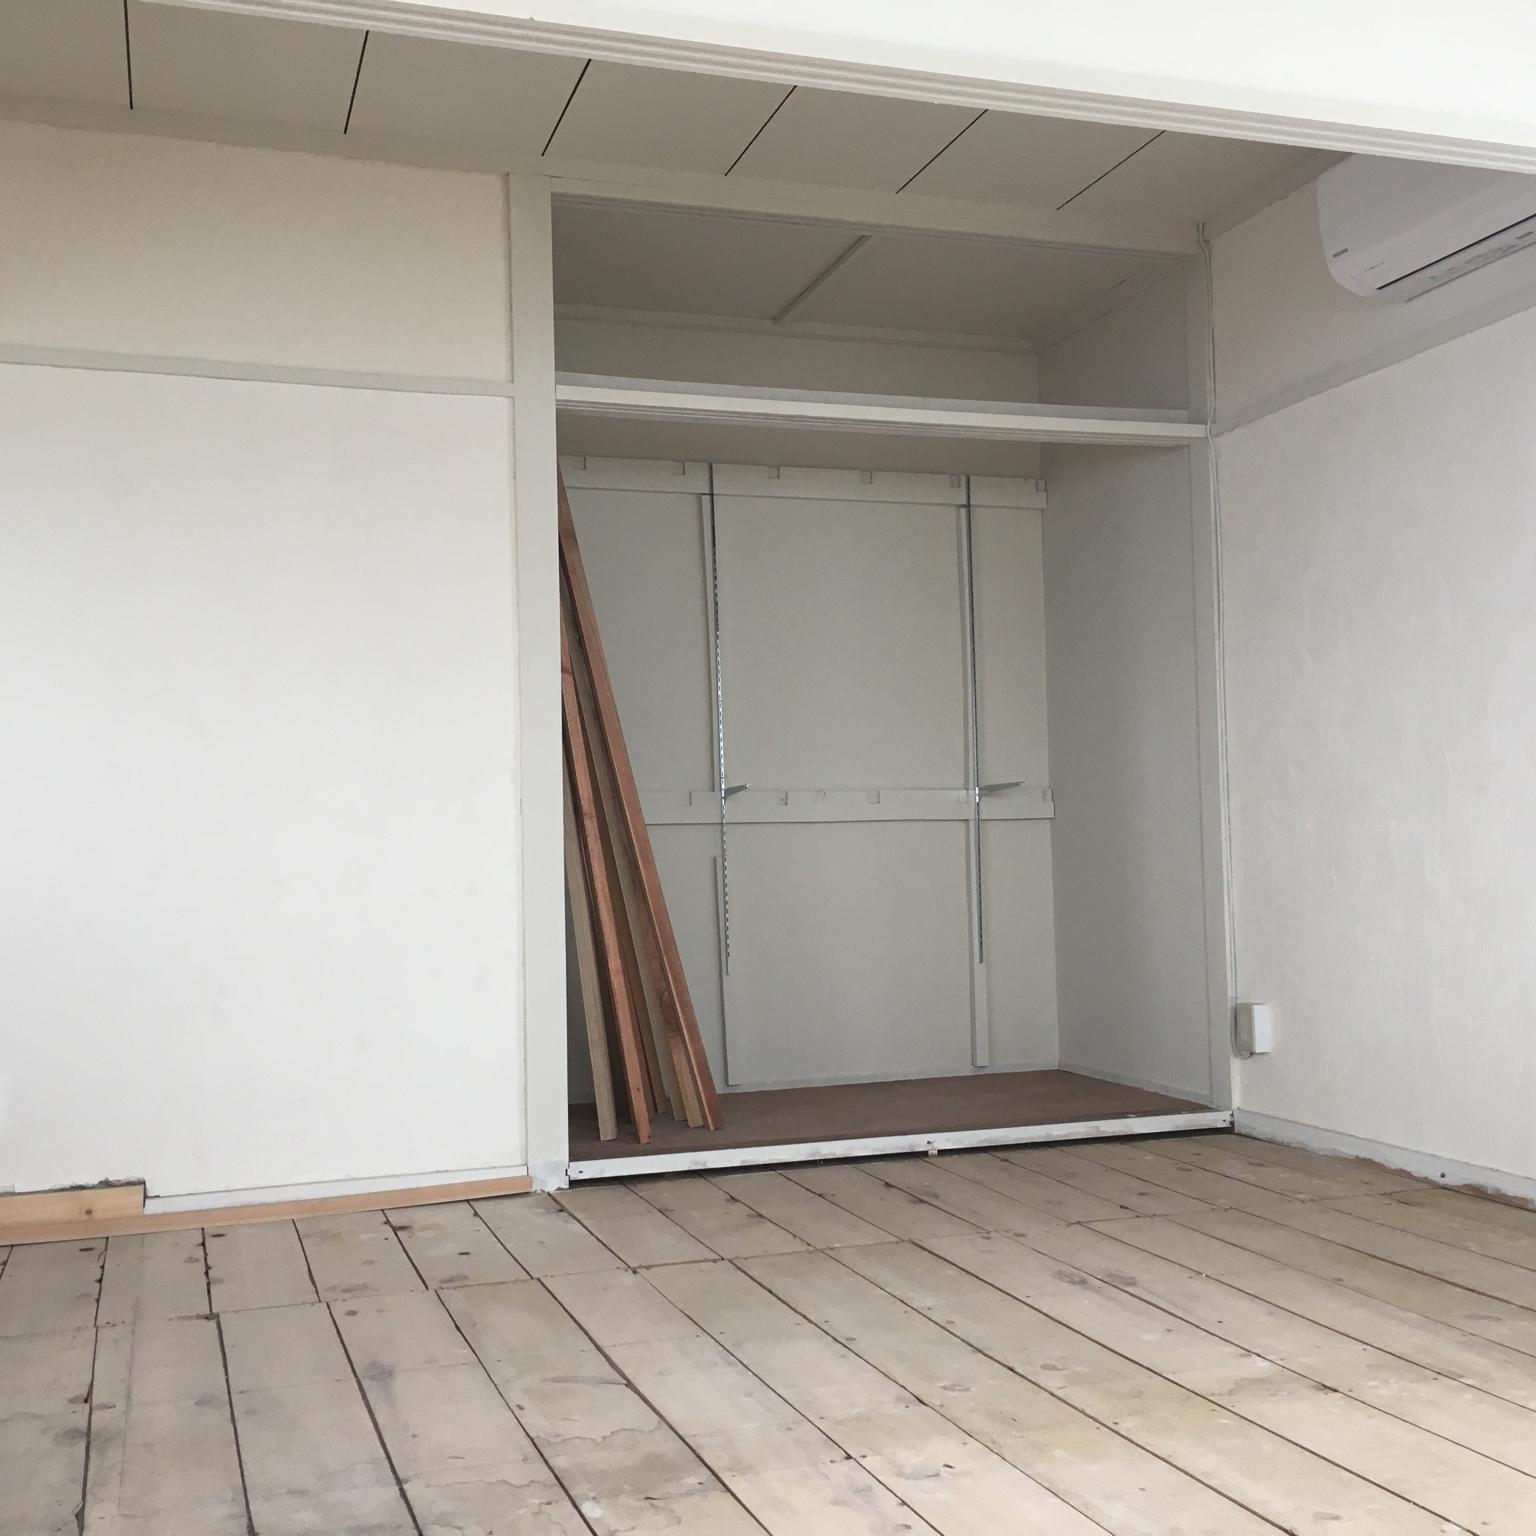 リノベーション/DIY/しっくい壁/リフォーム記録/部屋全体のインテリア実例 - 2021-04-22 20:54:07